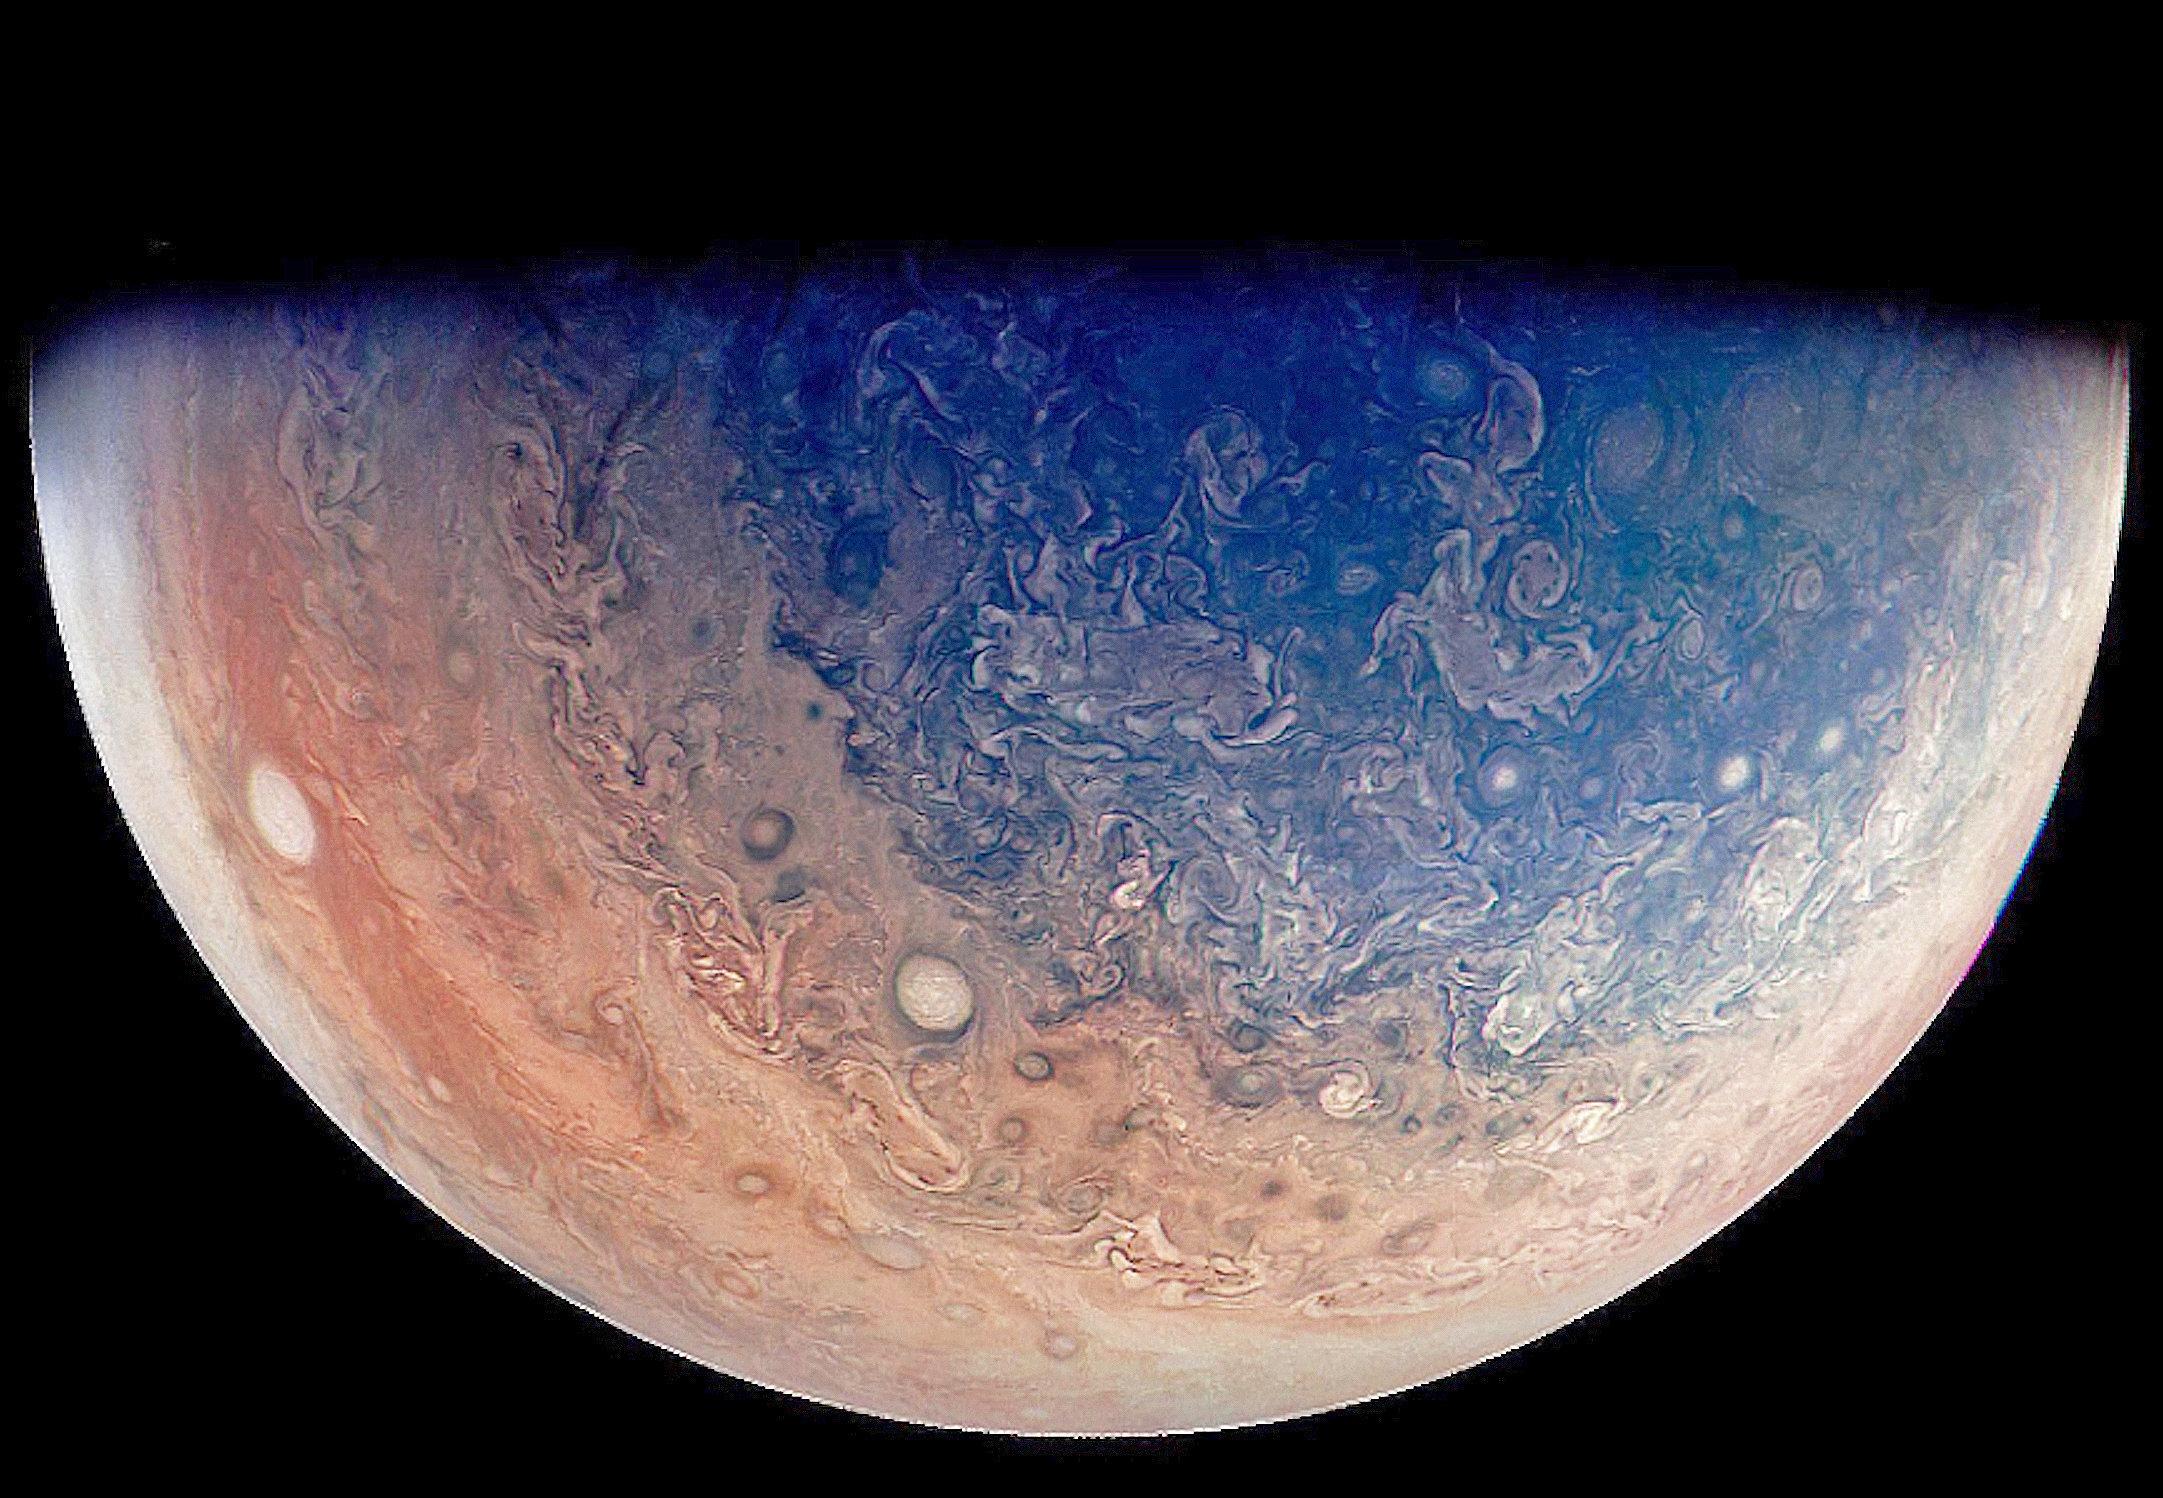 Stunning Images Of Jupiter's Gigantic Oval